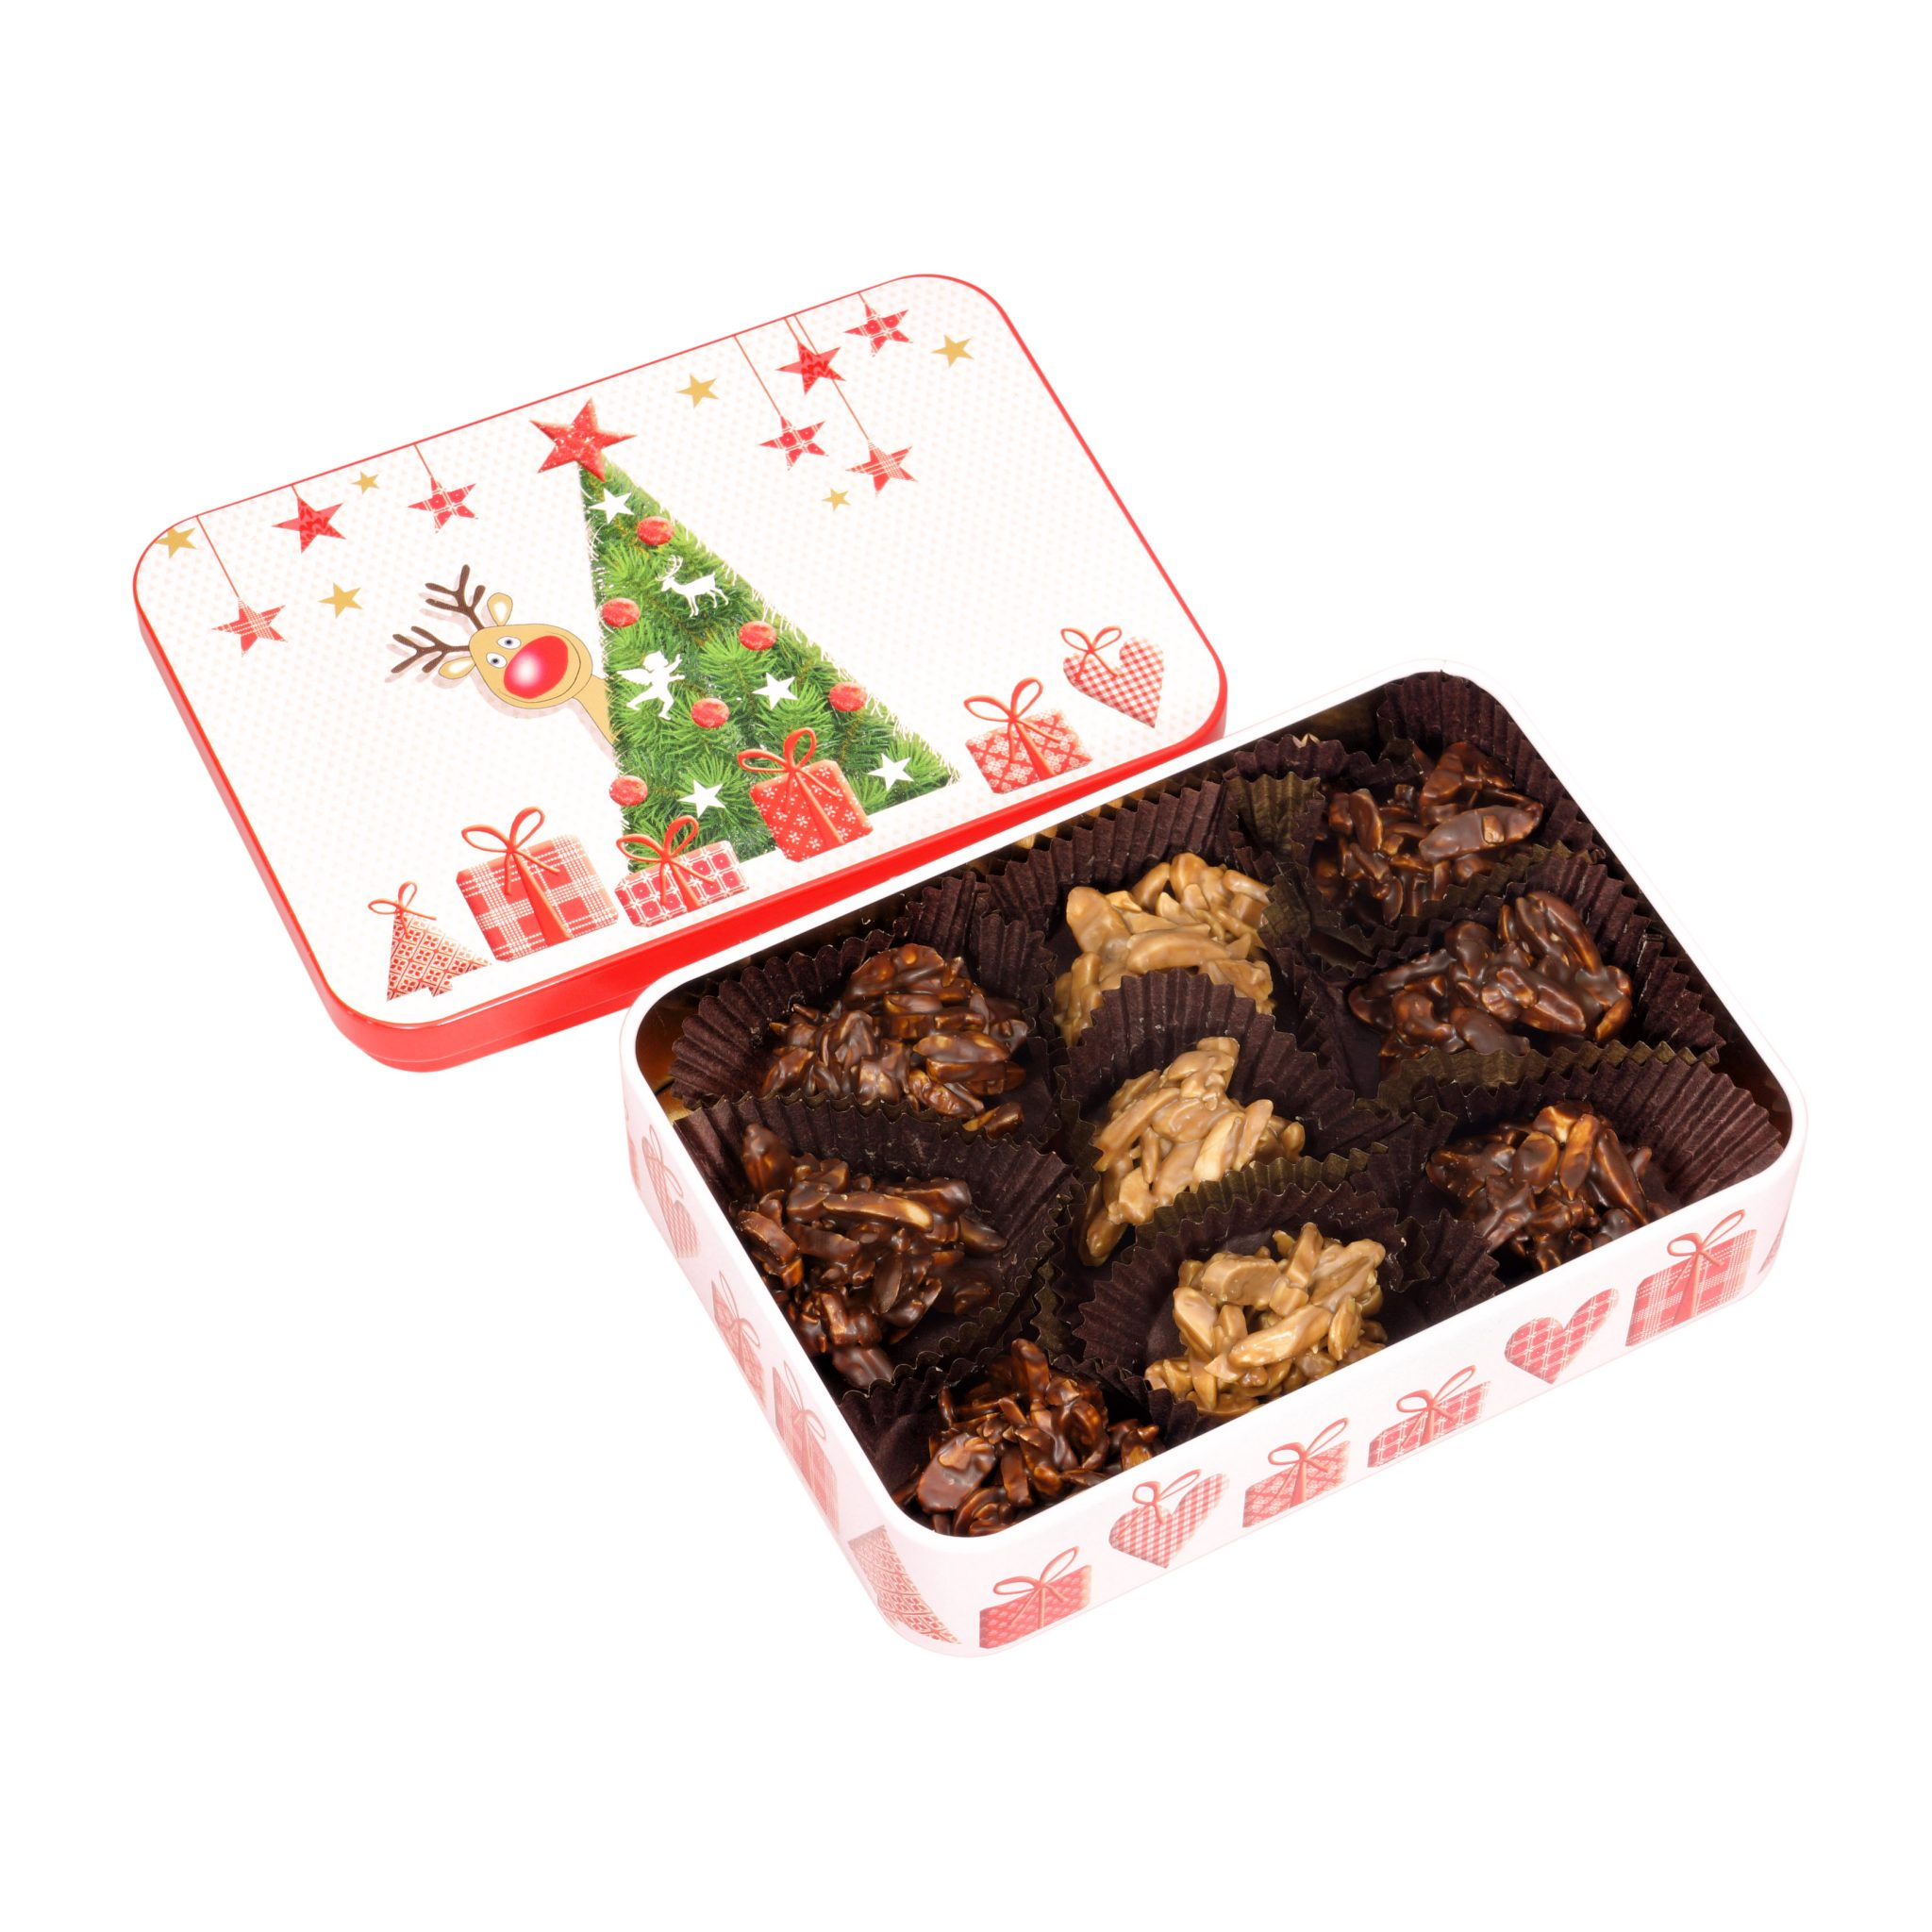 puszka z czekoladkami prezent świąteczny